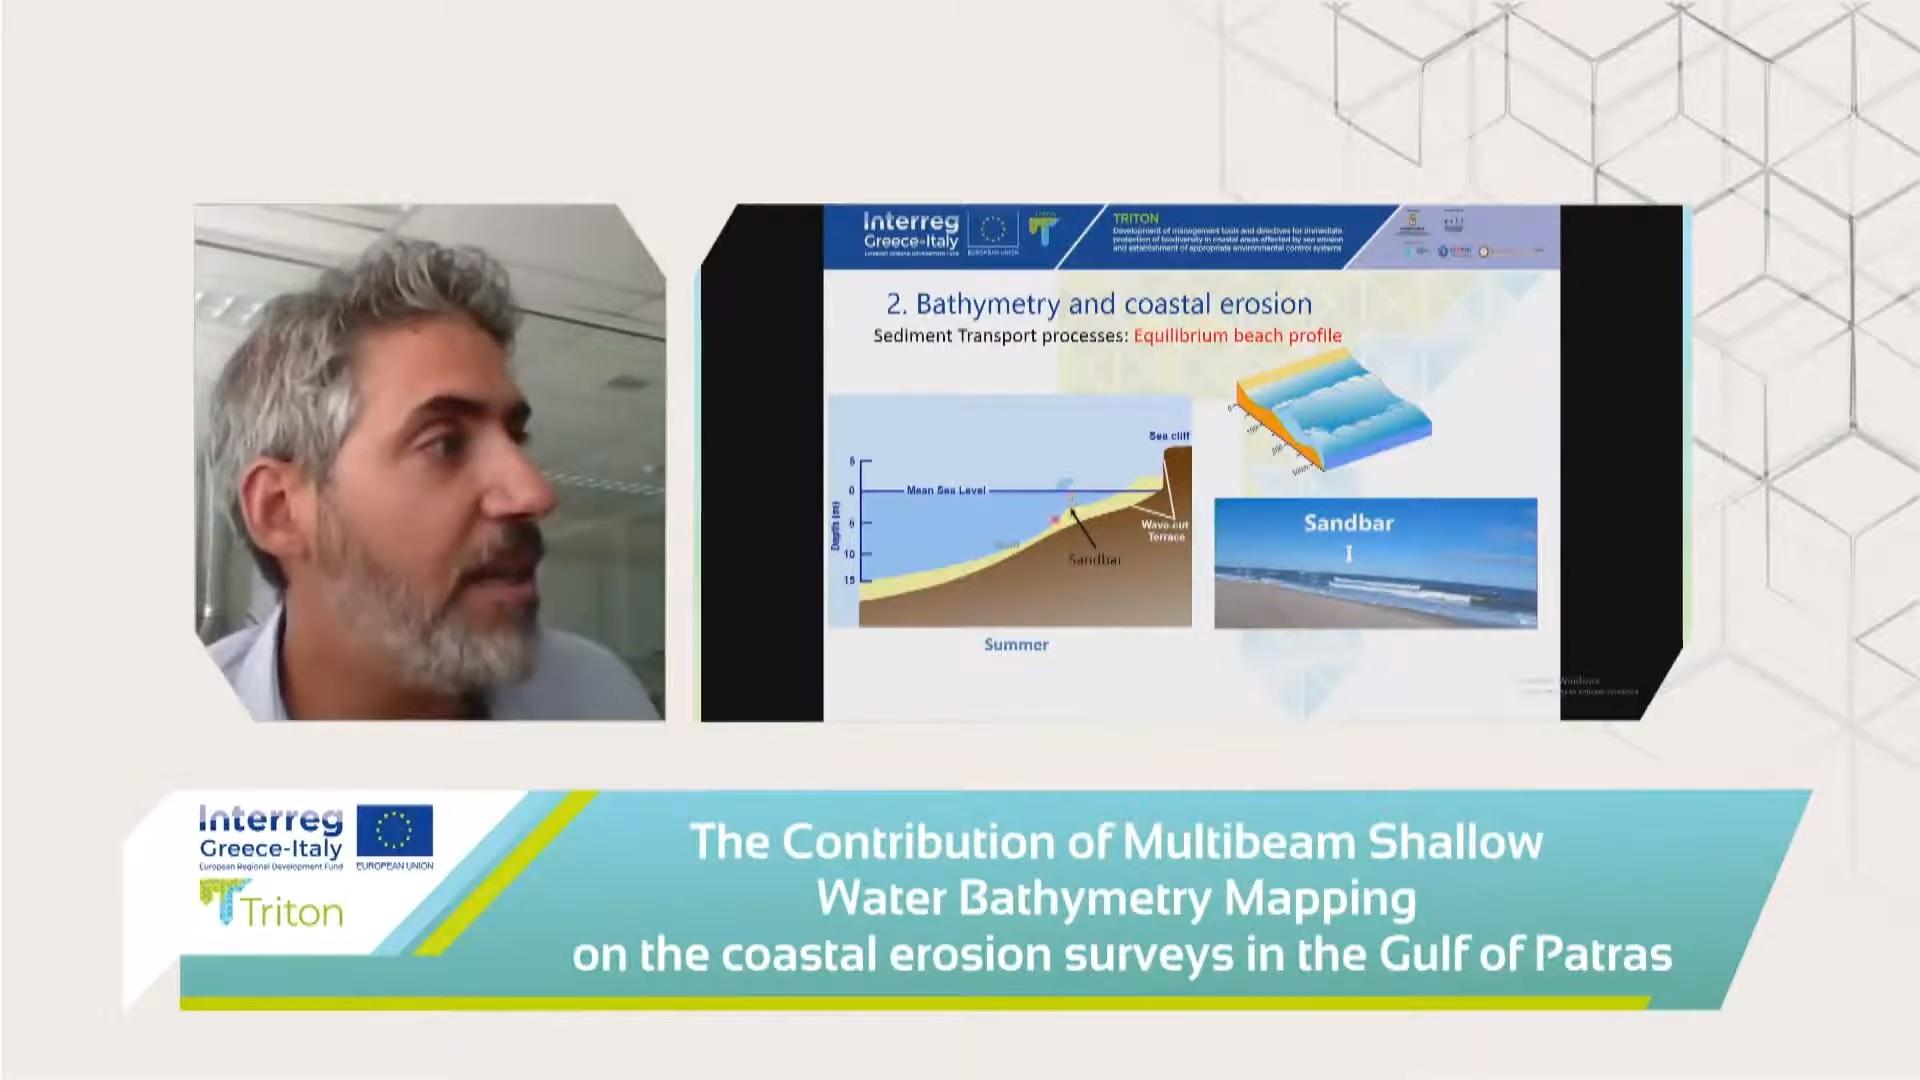 Περιφέρεια Δυτ. Ελλάδας: Το φαινόμενο της διάβρωσης των ακτών μέσα από τα αποτελέσματα του Ευρωπαϊκού Έργου «TRITON»